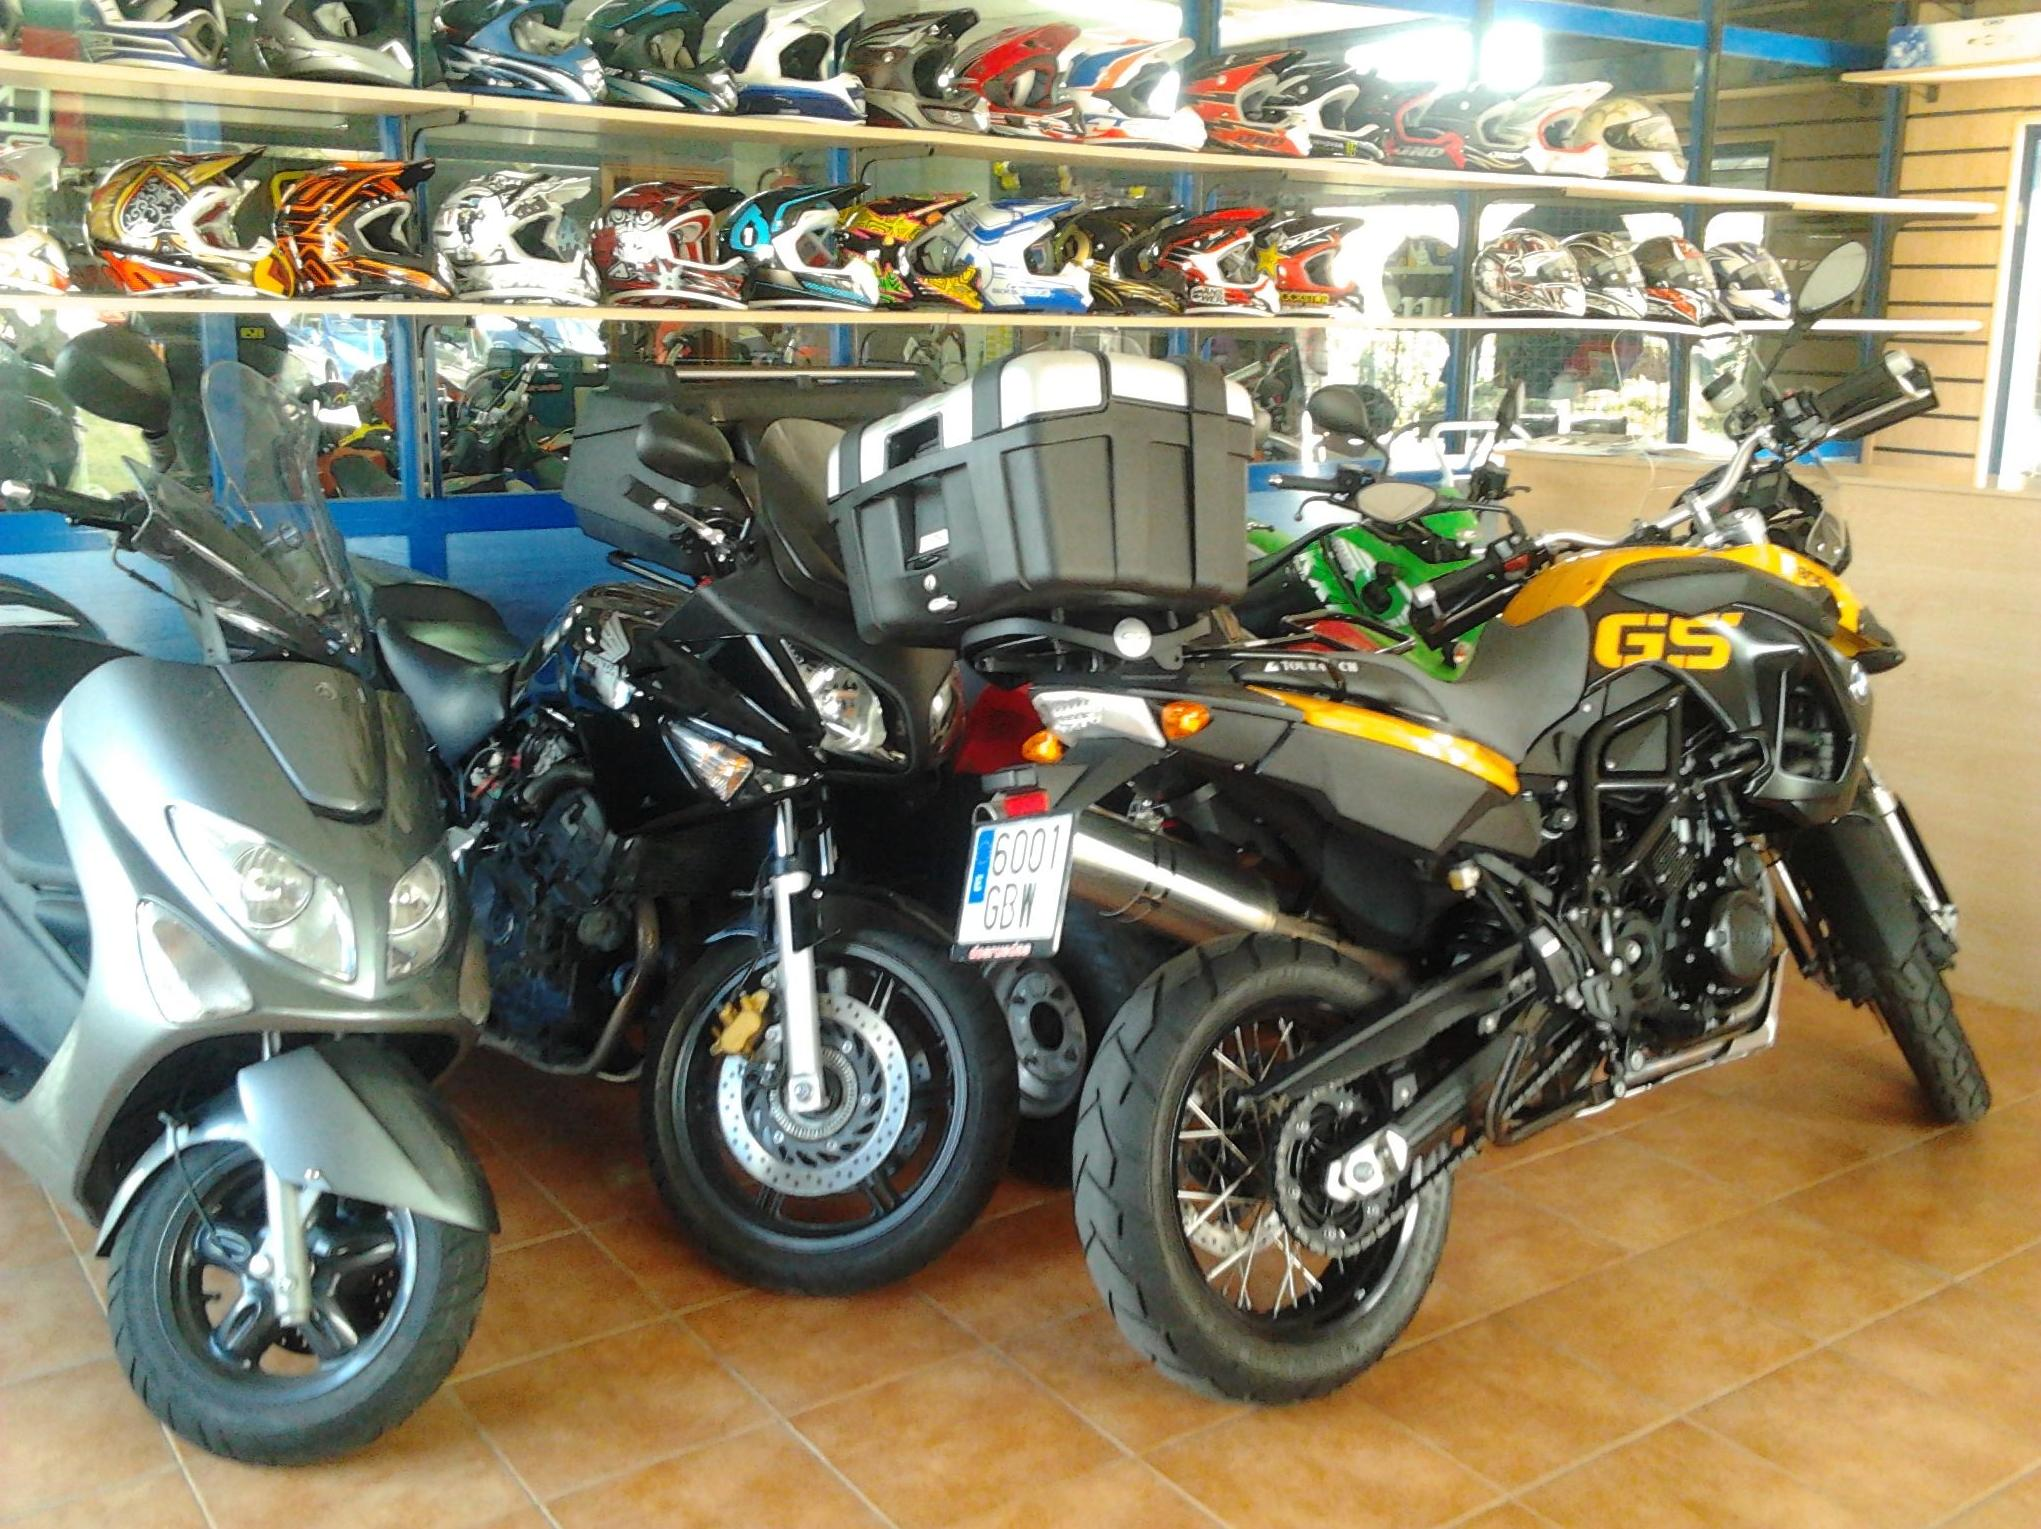 Dosruedas Motorbikes en Soto del Real (Madrid)